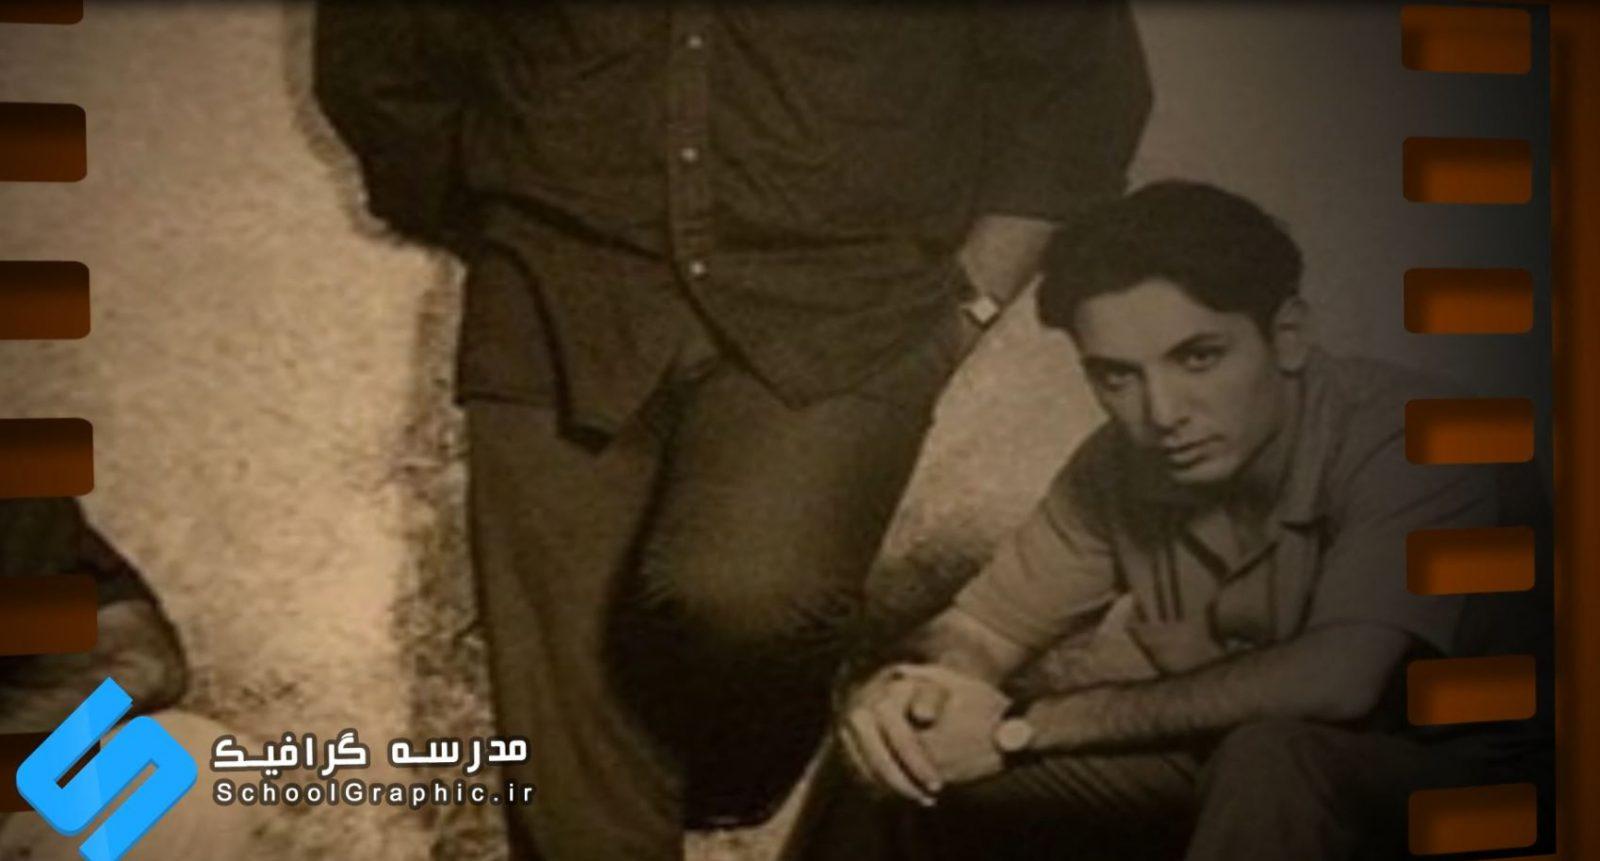 پروژه ی آماده ی فارسی افترافکت اسلایدشو تصاویر قدیمی